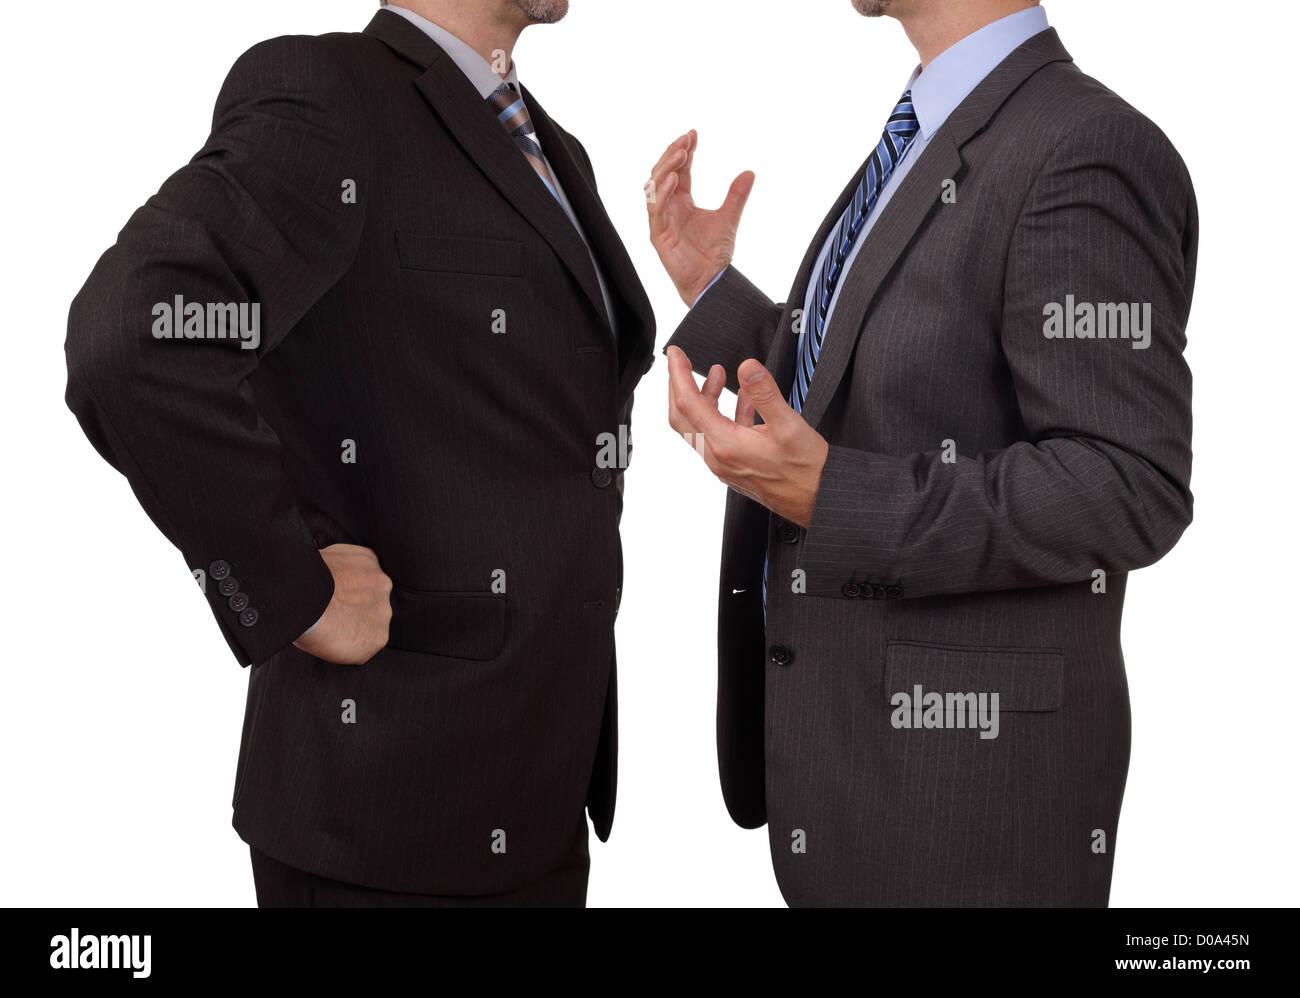 La confrontation au travail Banque D'Images